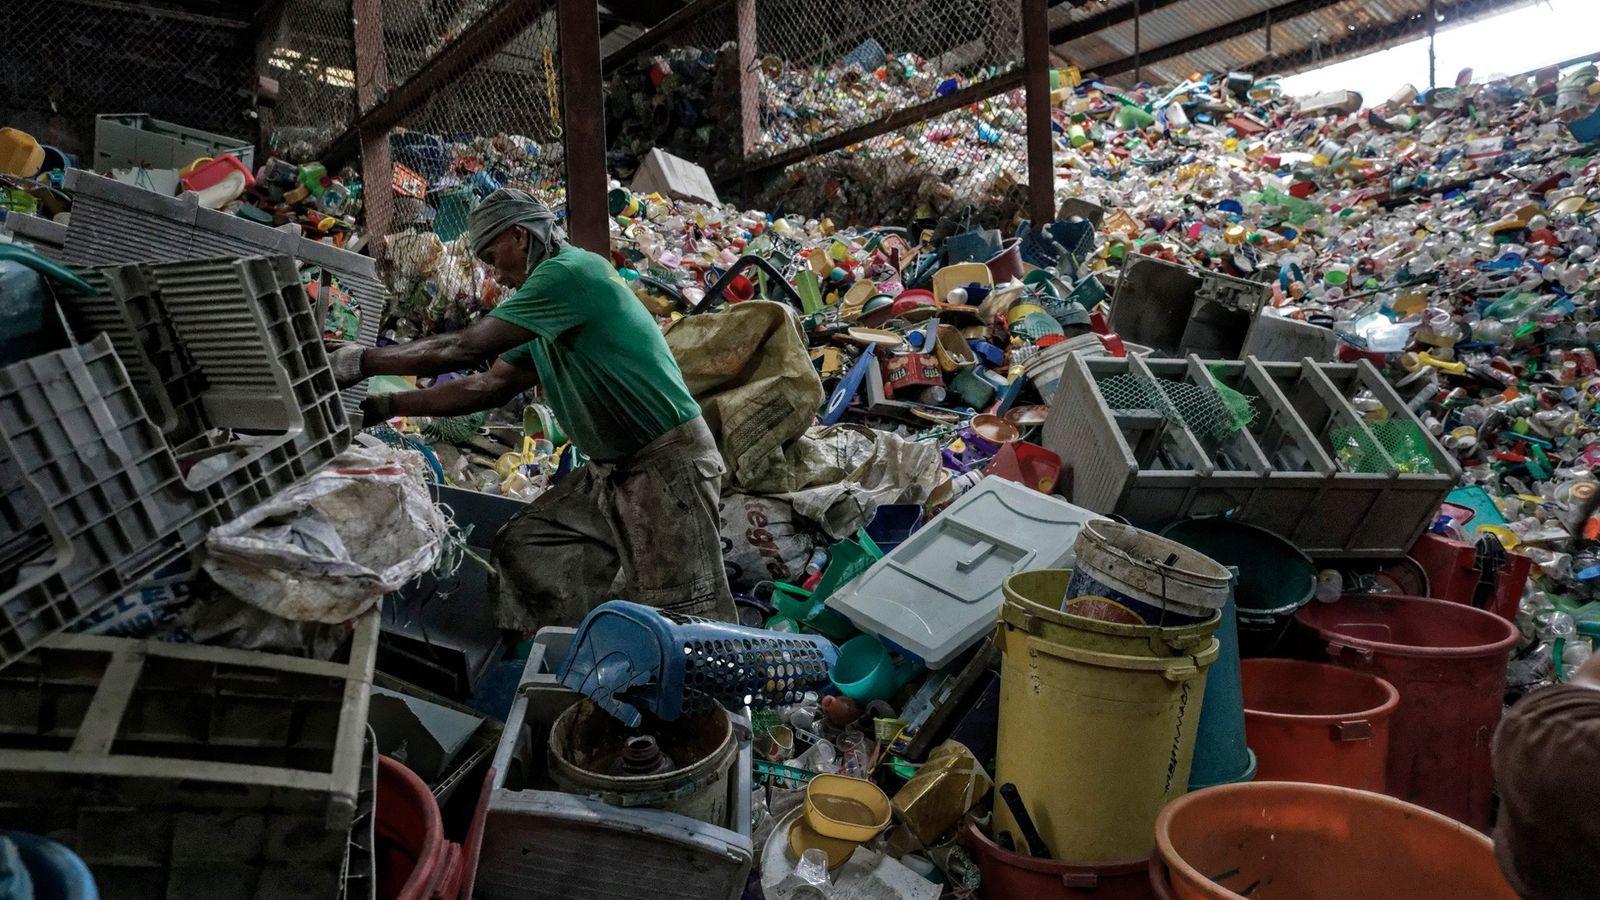 Die Philippinen leisten den drittgrößten Beitrag zur Plastikverschmutzung der Meere. Auf diesem Bild wird gerade Müll ...